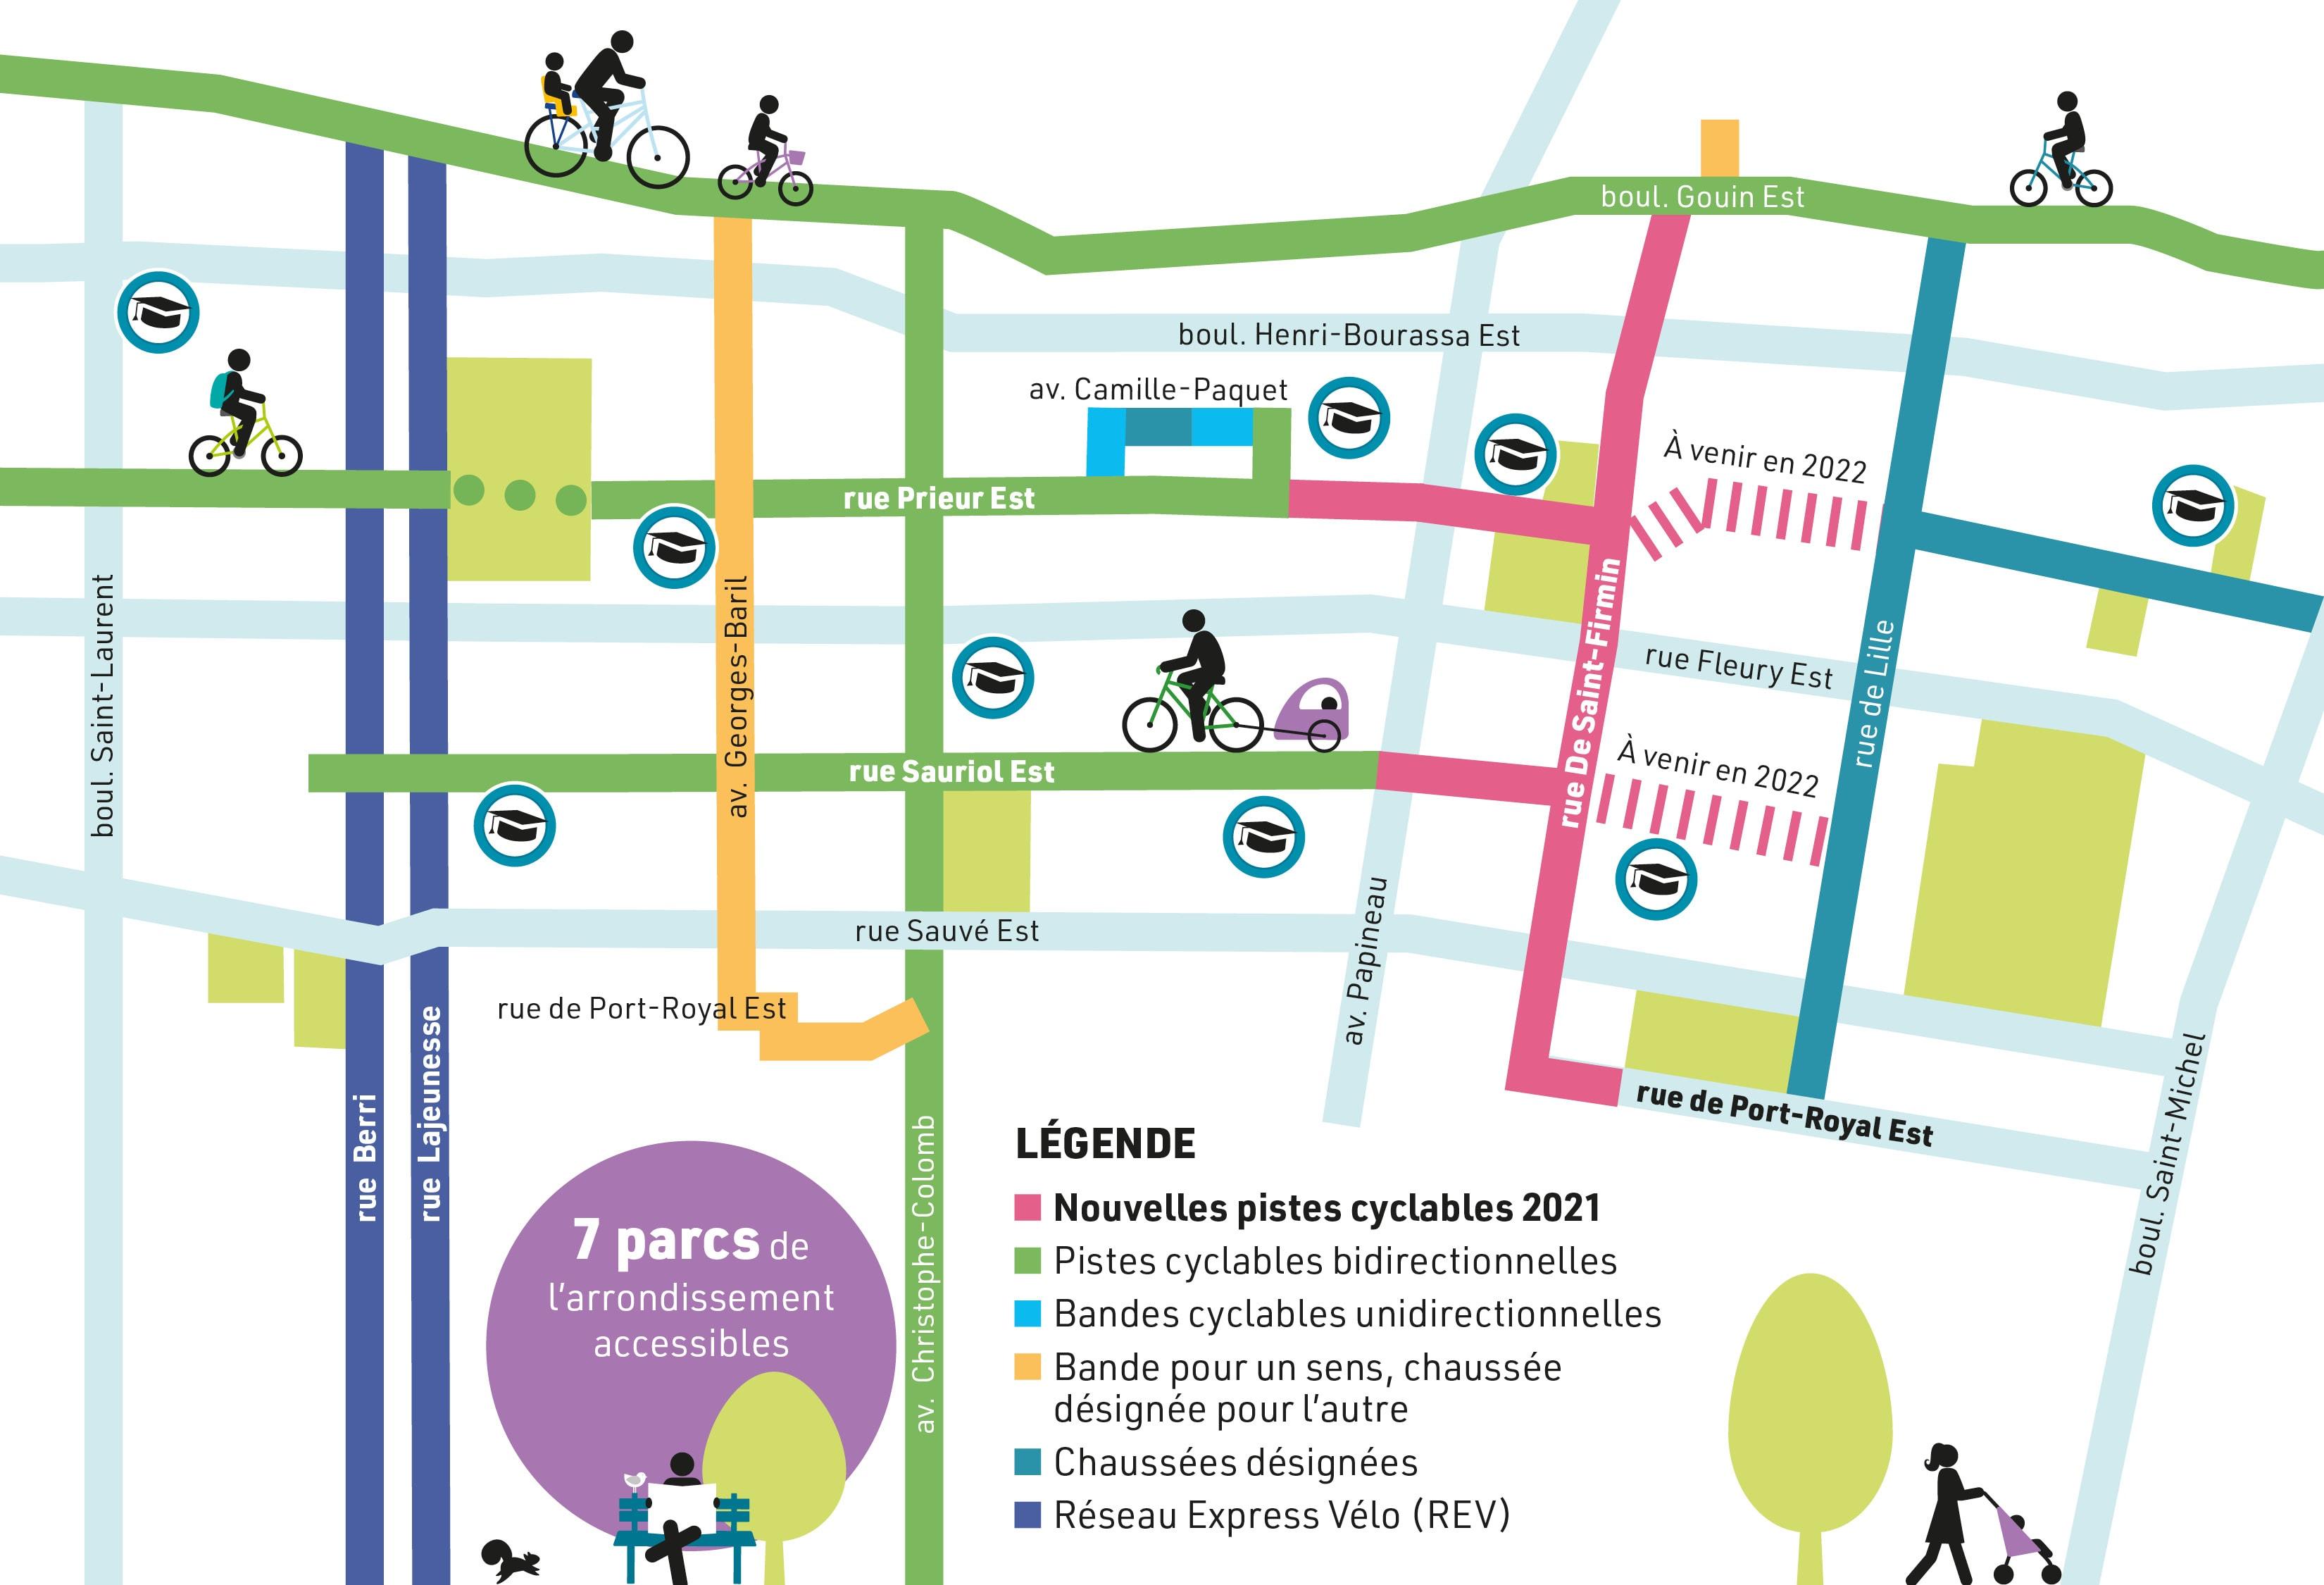 Carte qui indique où sont situées les nouvelles pistes cyclables